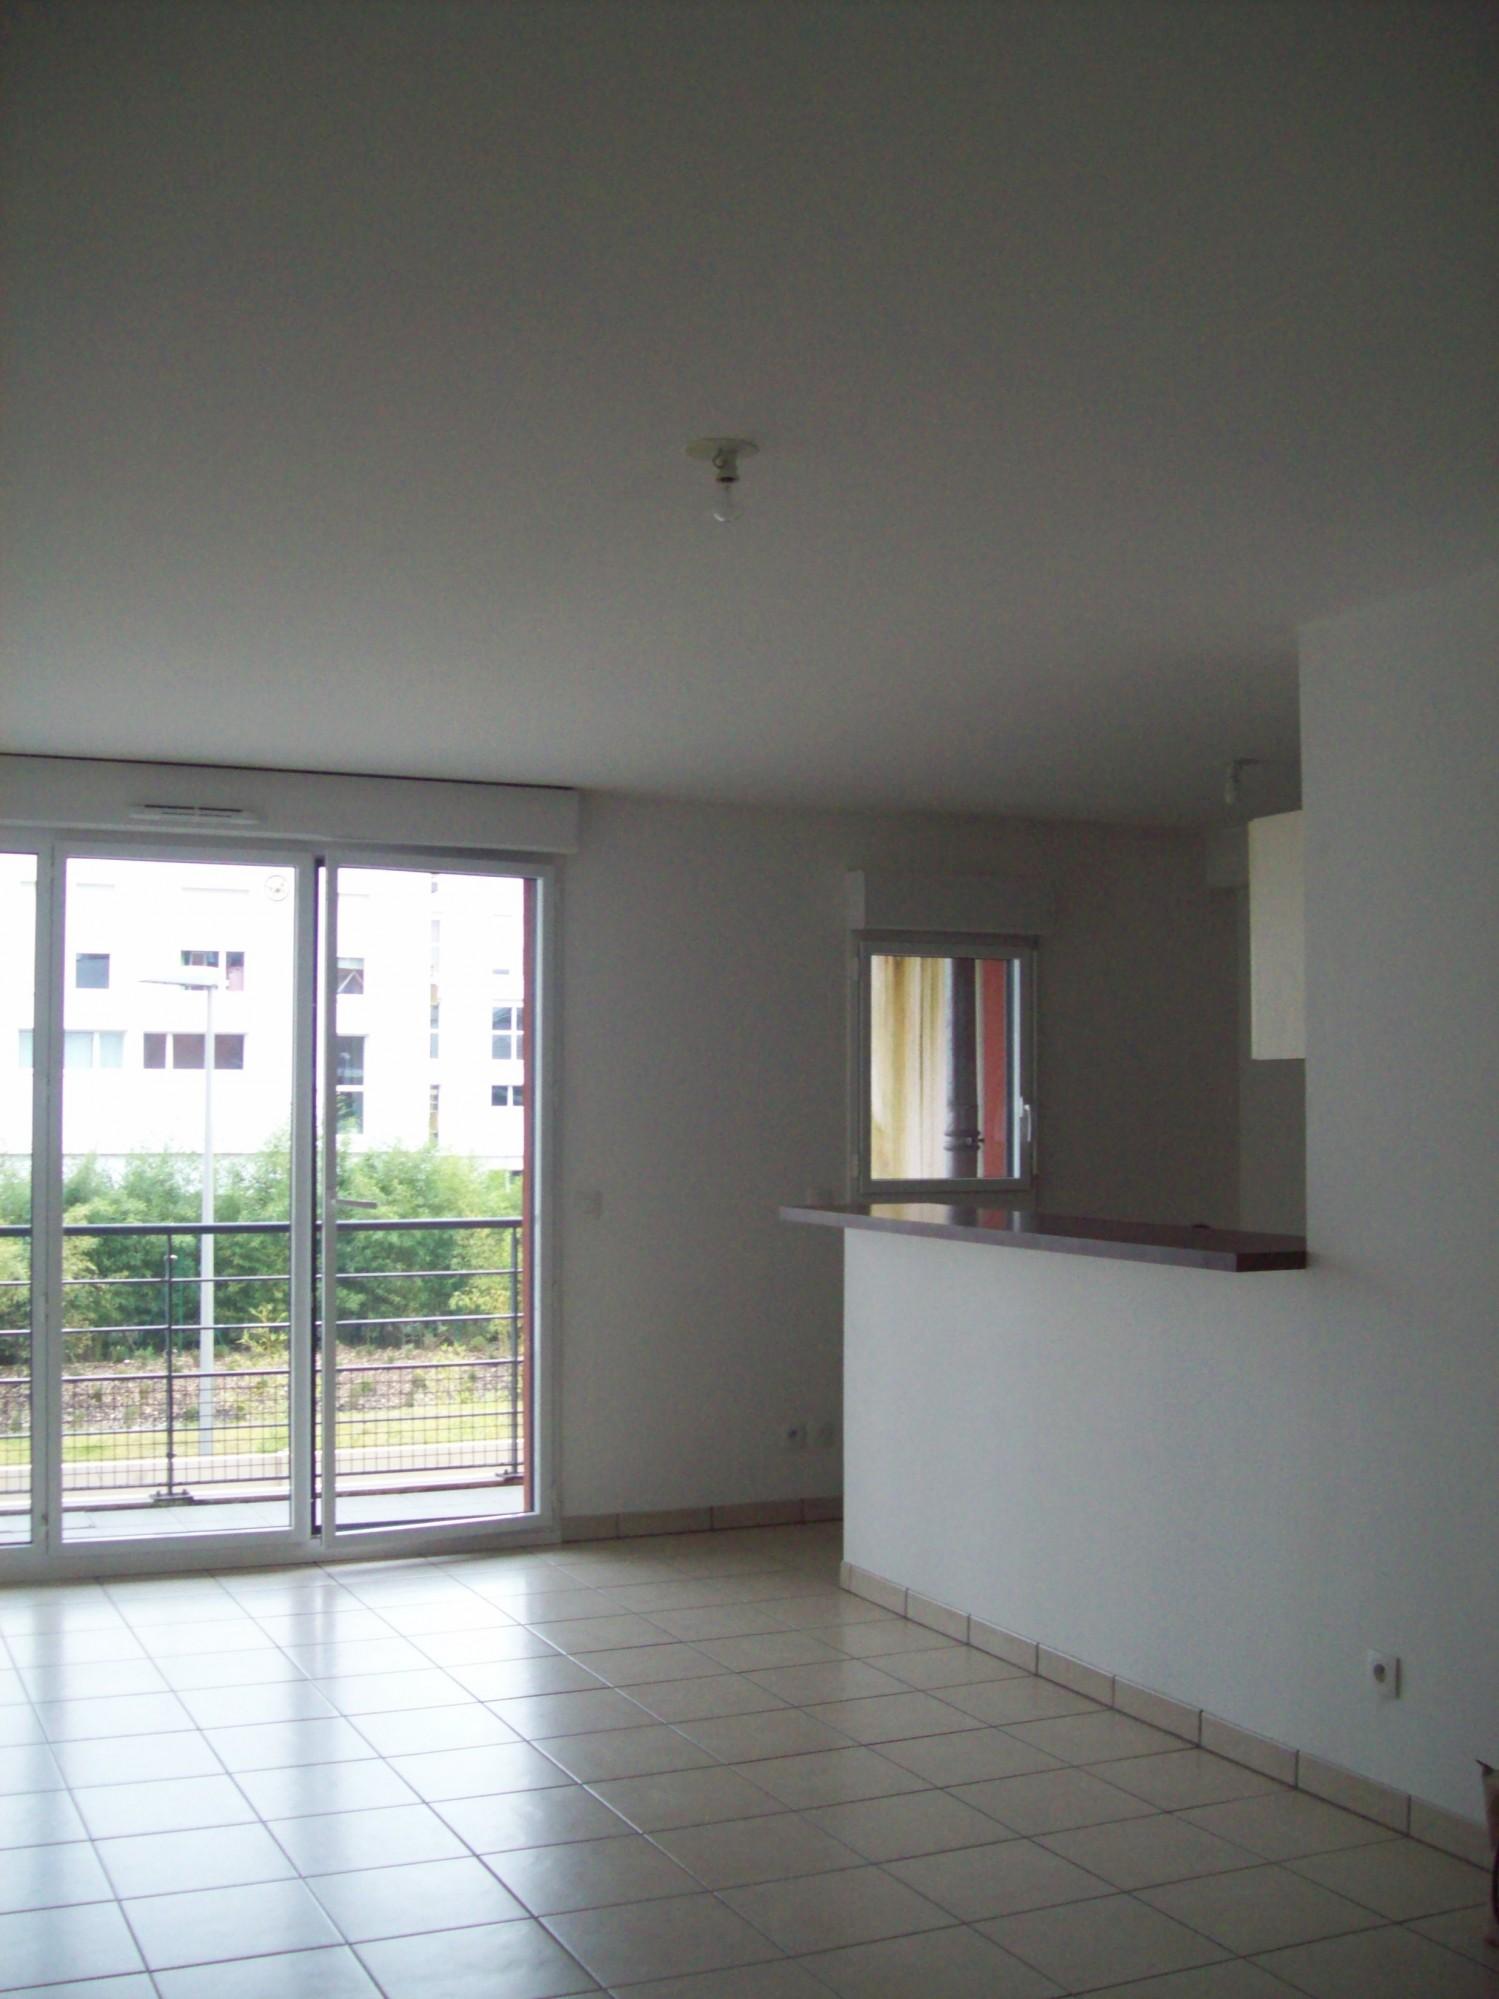 A vendre appartement neuf 3 bordeaux bastide proche tram agence immobili re bordeaux bastide - Cabinet radiologie avenue thiers bordeaux ...